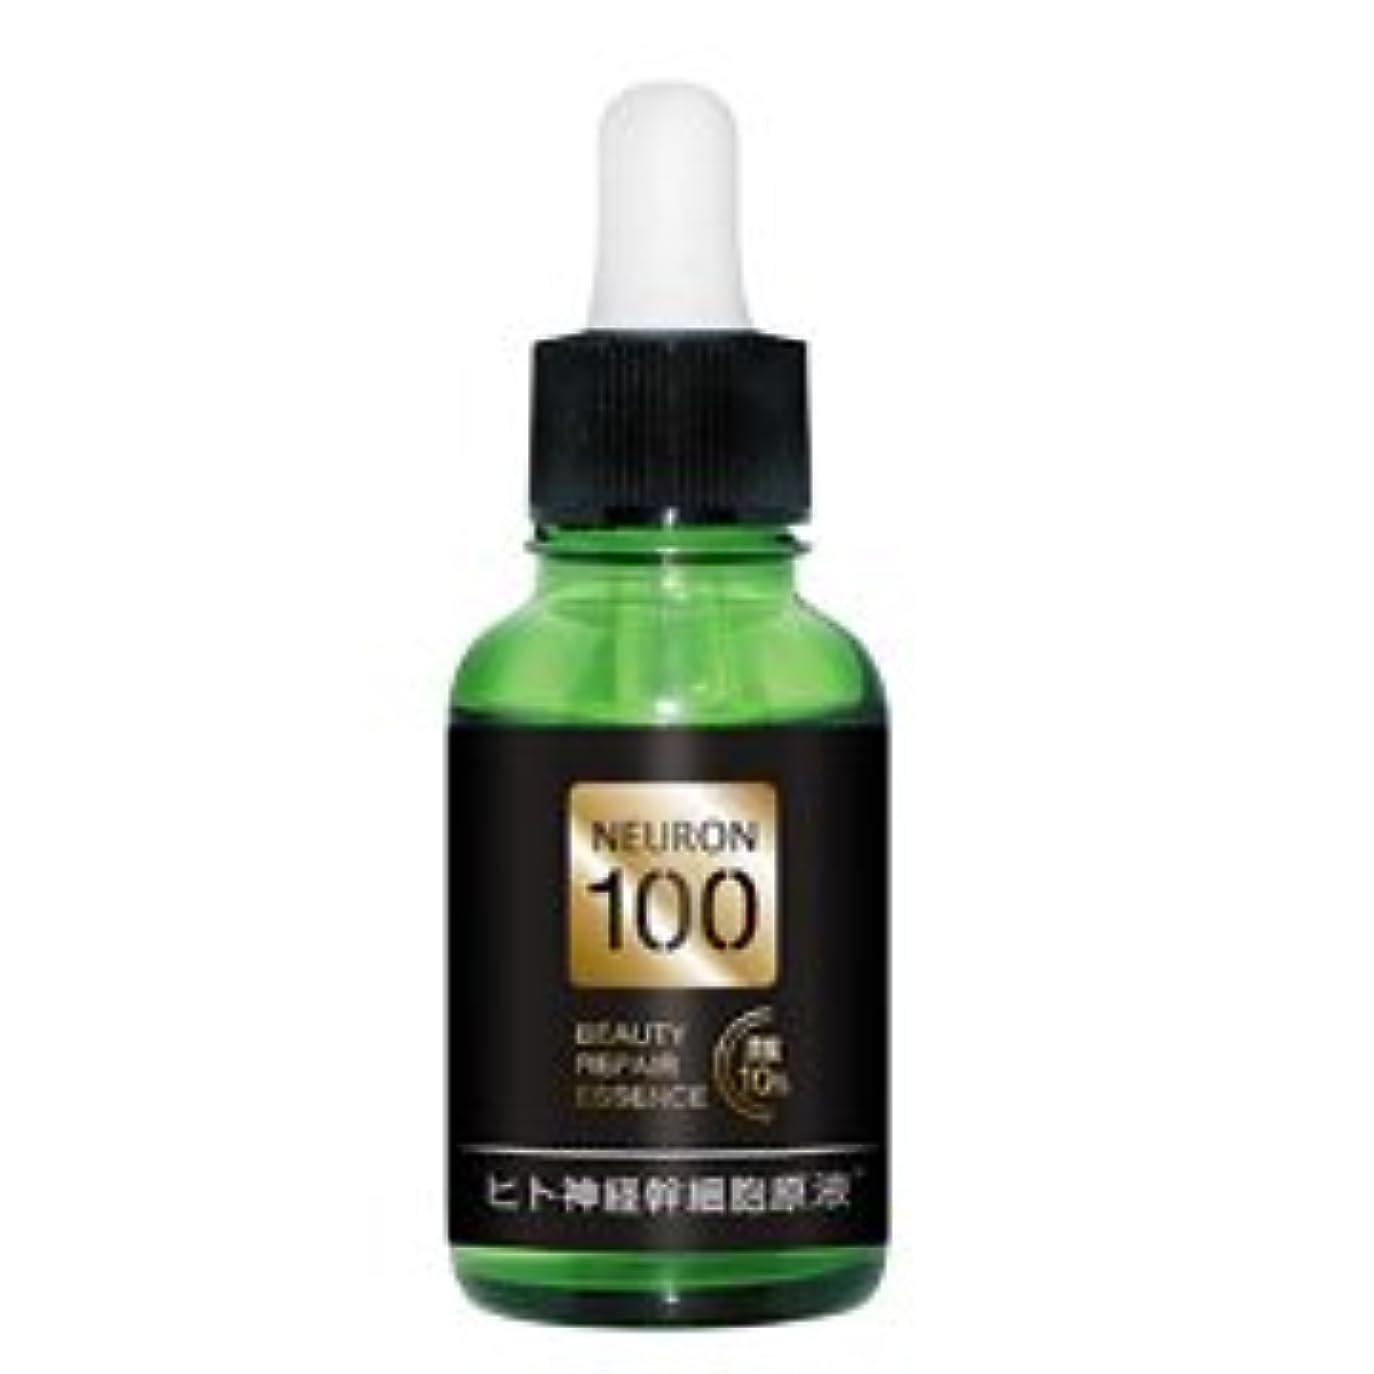 頼むラフ睡眠アーサー【濃度10%】 ニューロン100 NEURON100 ヒト由来神経幹細胞培養液 サロン仕様品 ギフトにも最適 美容液 30ml